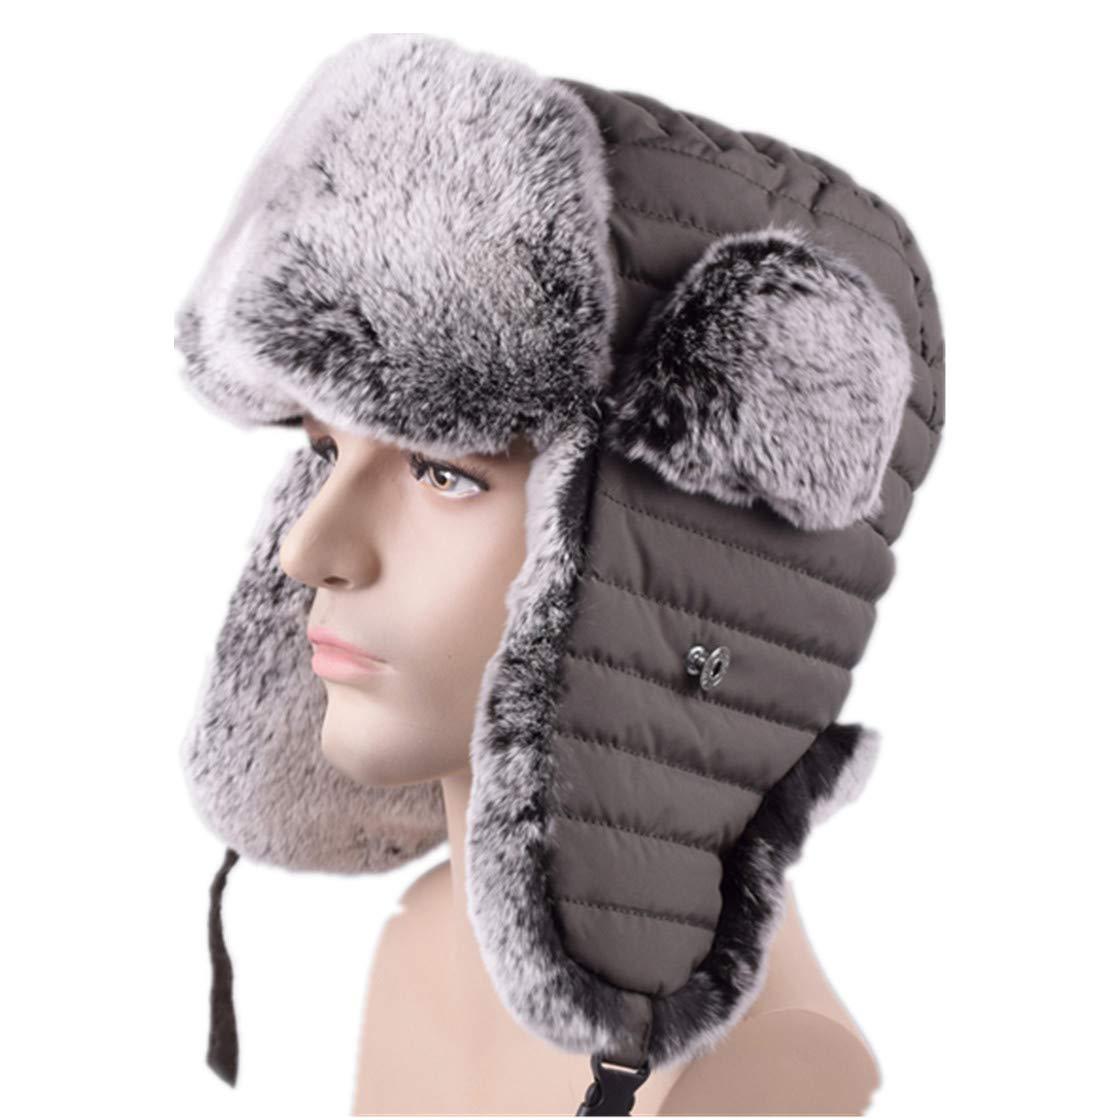 Bomber Hats Fur Ear-Flap Mens Winter Snow Russian Panama Aviator Hat